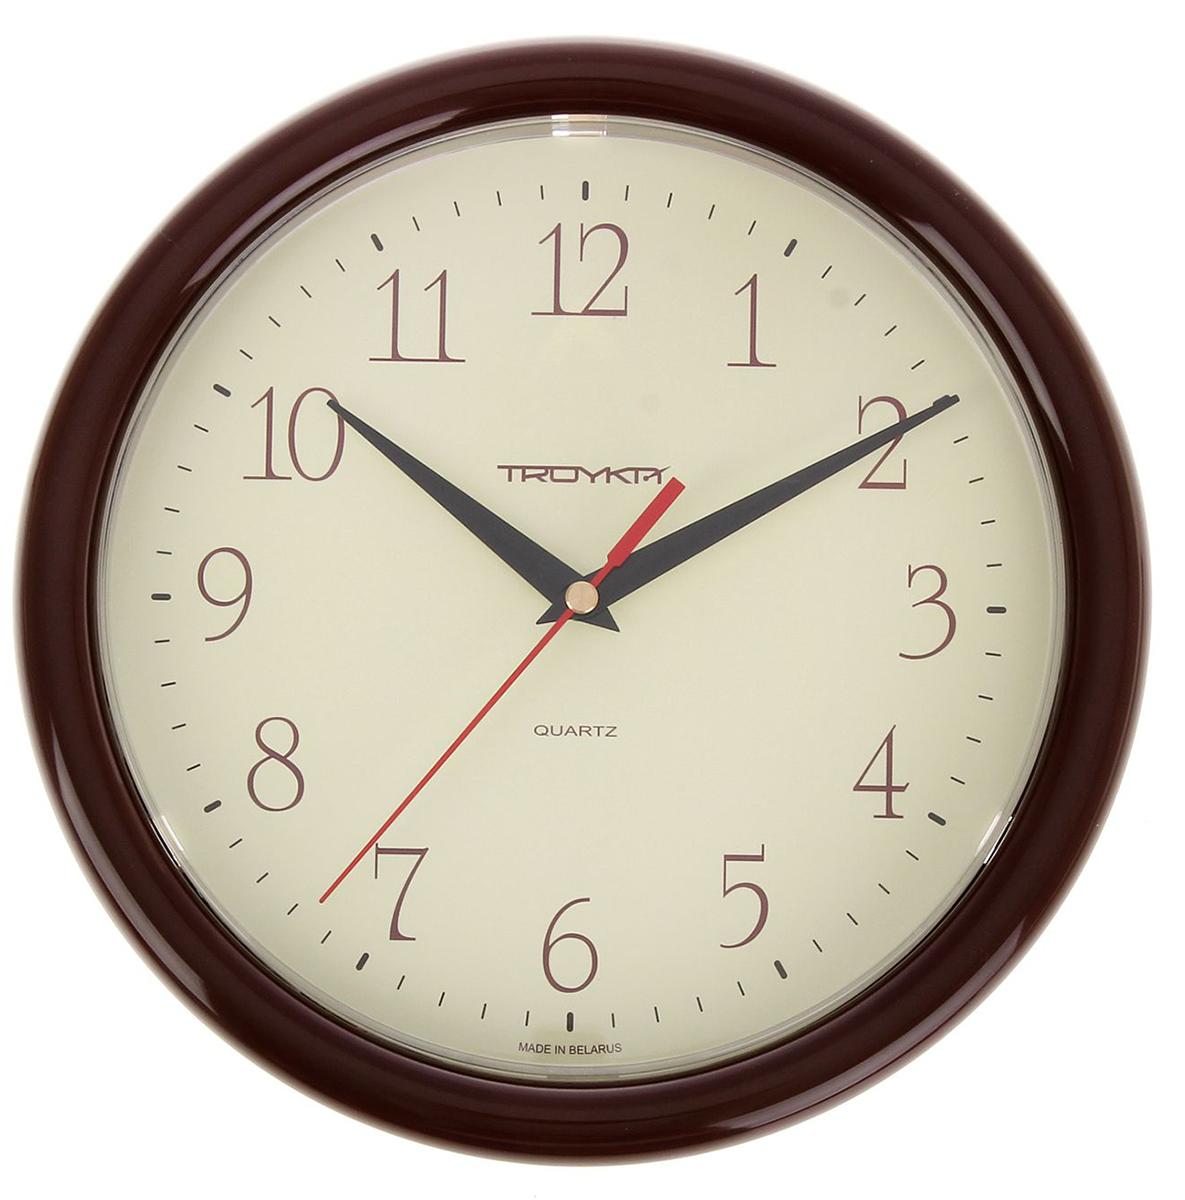 Часы настенные Тройка Классика, диаметр 24,5 см1256216Каждому хозяину периодически приходит мысль обновить свою квартиру, сделать ремонт, перестановку или кардинально поменять внешний вид каждой комнаты. Часы настенные круглые Every Day, d=24,5 см, кремовый циферблат, рама коричневая — привлекательная деталь, которая поможет воплотить вашу интерьерную идею, создать неповторимую атмосферу в вашем доме. Окружите себя приятными мелочами, пусть они радуют глаз и дарят гармонию. Часы настенные круглые Every Day, d=24,5 см, кремовый циферблат, рама коричневая — сувенир в полном смысле этого слова. И главная его задача — хранить воспоминание о месте, где вы побывали, или о том человеке, который подарил данный предмет. Преподнесите эту вещь своему другу, и она станет достойным украшением его дома.Часы настенные круглые Классика, корич кольцо, мол-кофейный циферблат, 24,5 см 1256216